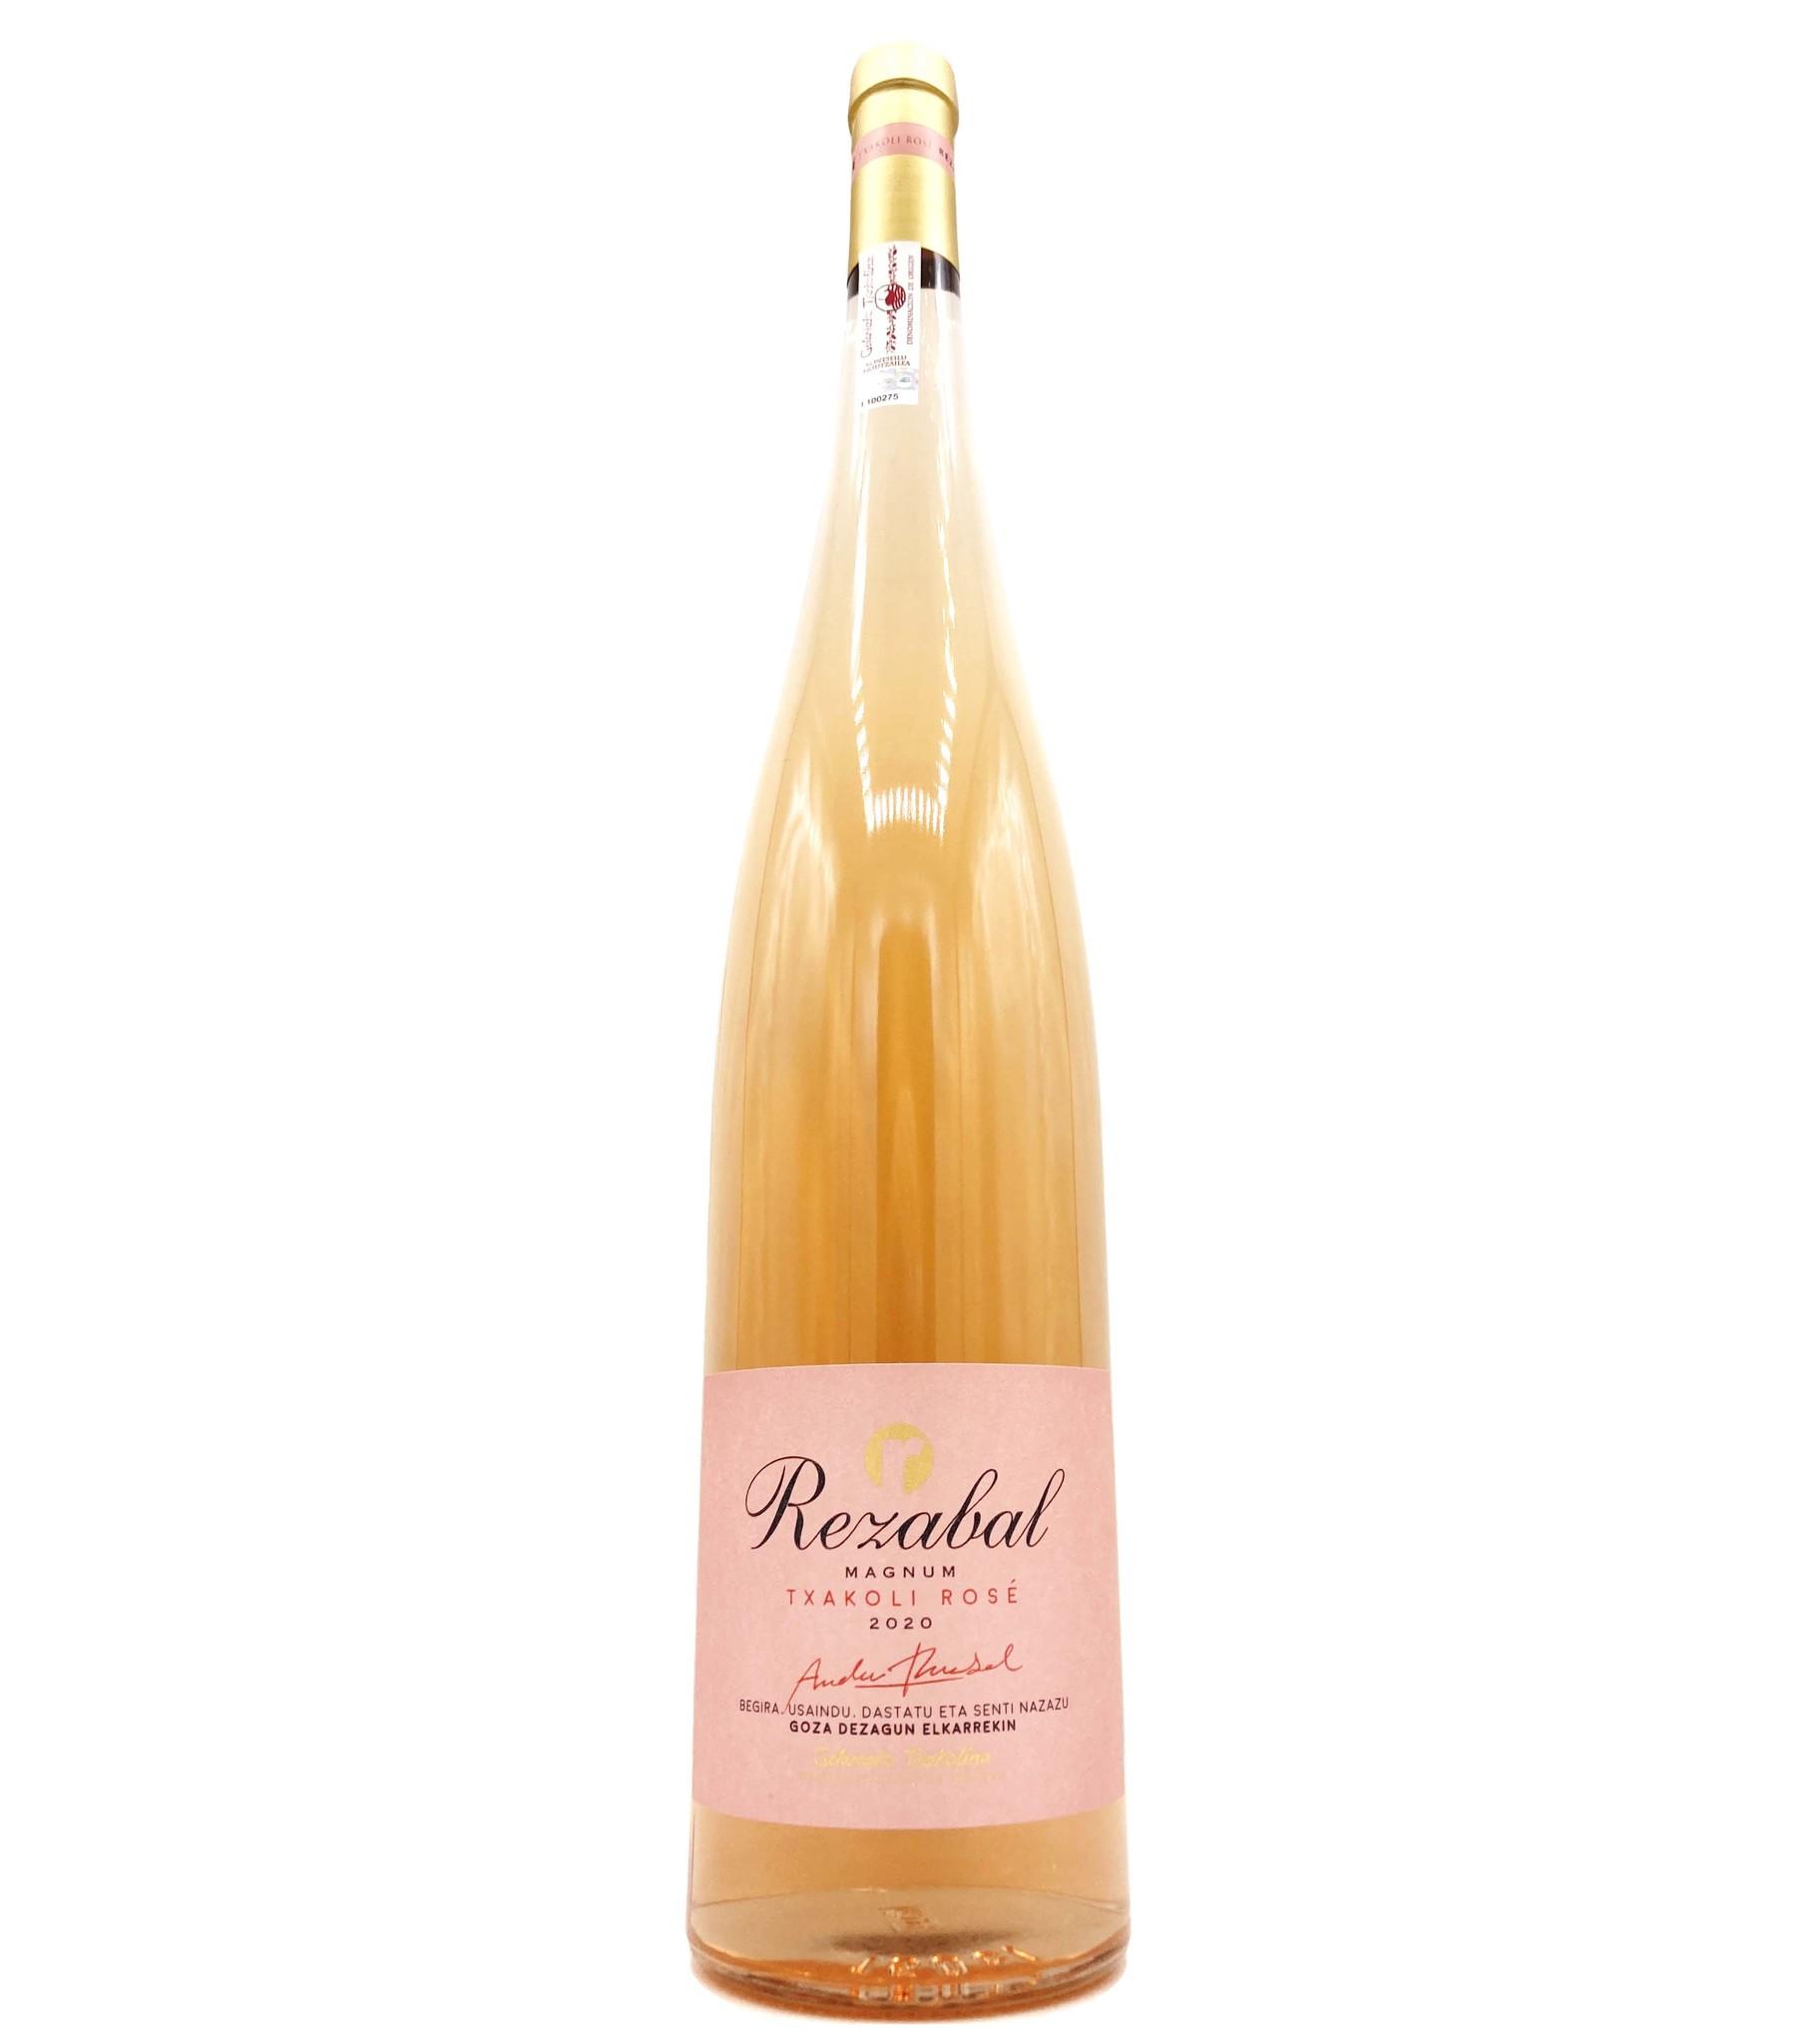 Txakoli Rosé de Getaria 1.5L 2020 Rezabal